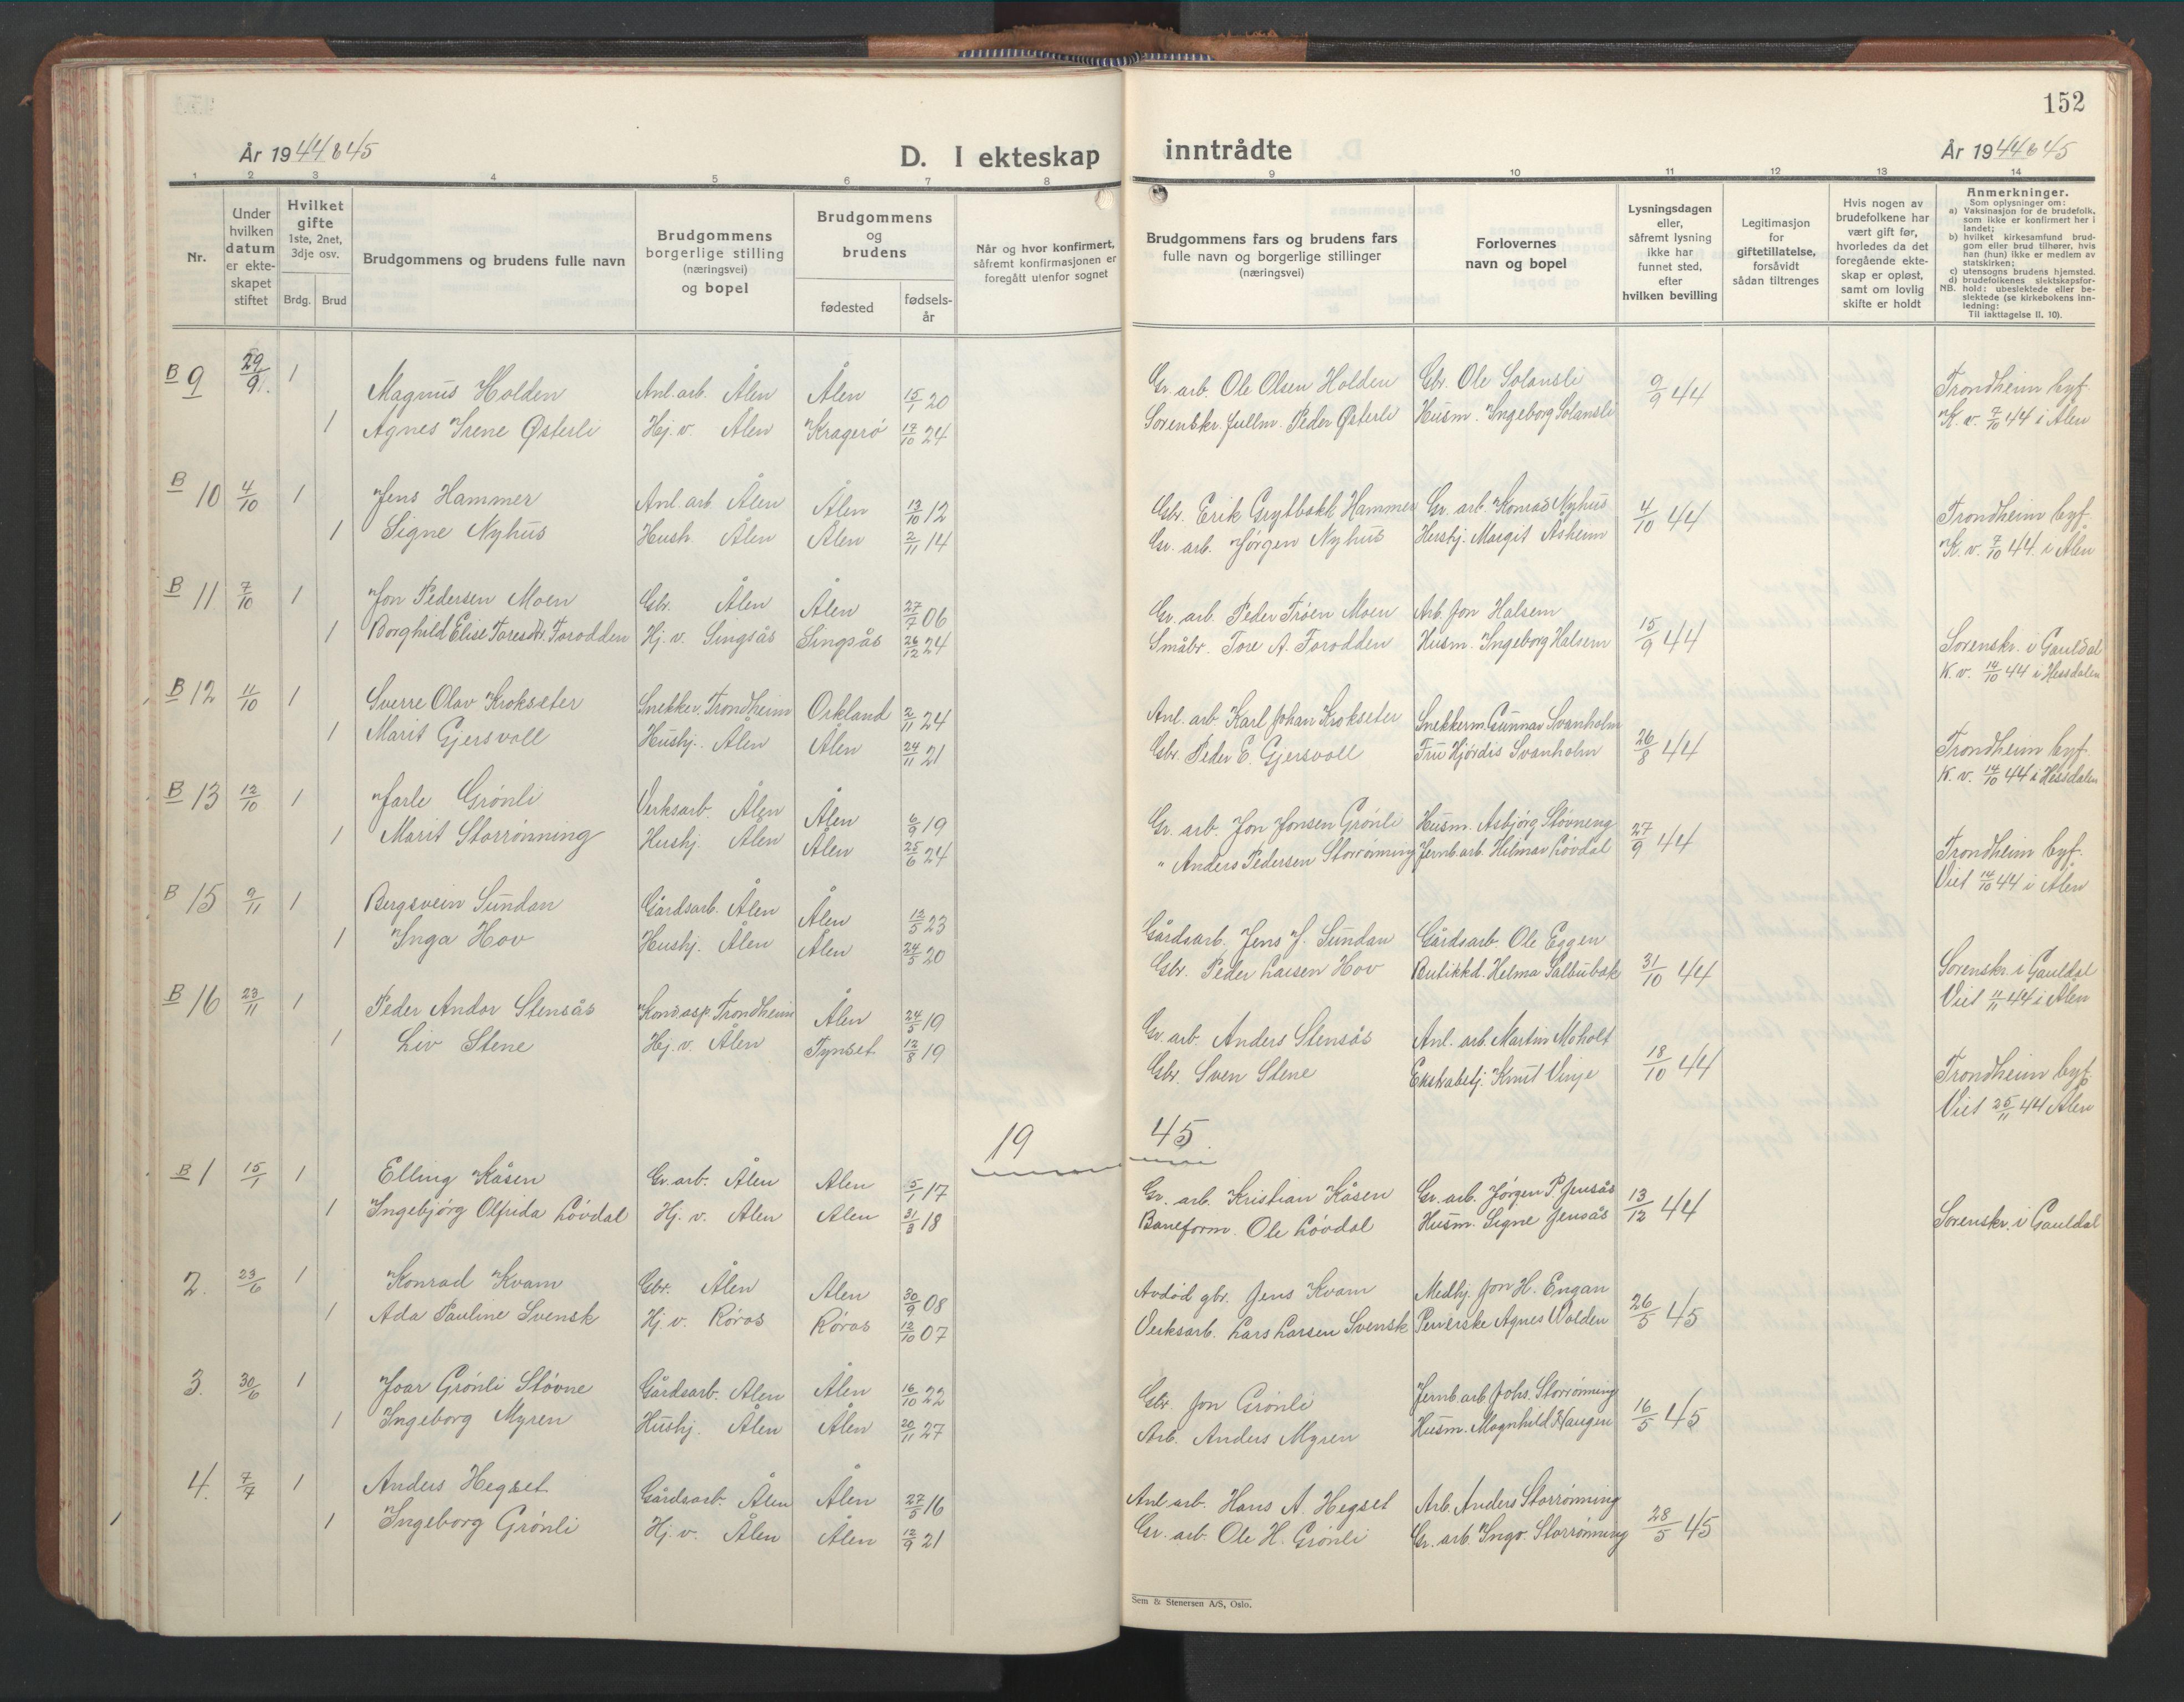 SAT, Ministerialprotokoller, klokkerbøker og fødselsregistre - Sør-Trøndelag, 686/L0986: Klokkerbok nr. 686C02, 1933-1950, s. 152